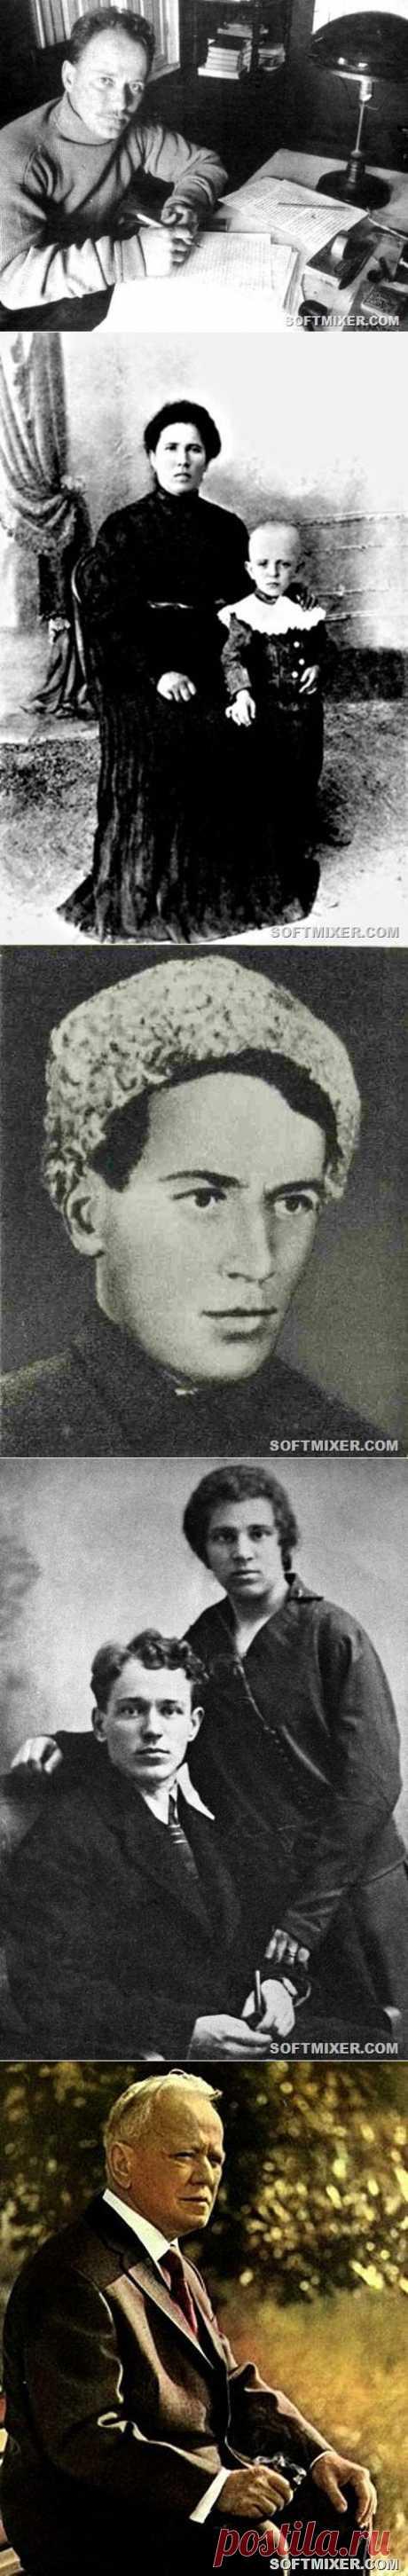 Интересные факты о Михаиле Шолохове / Назад в СССР / Back in USSR